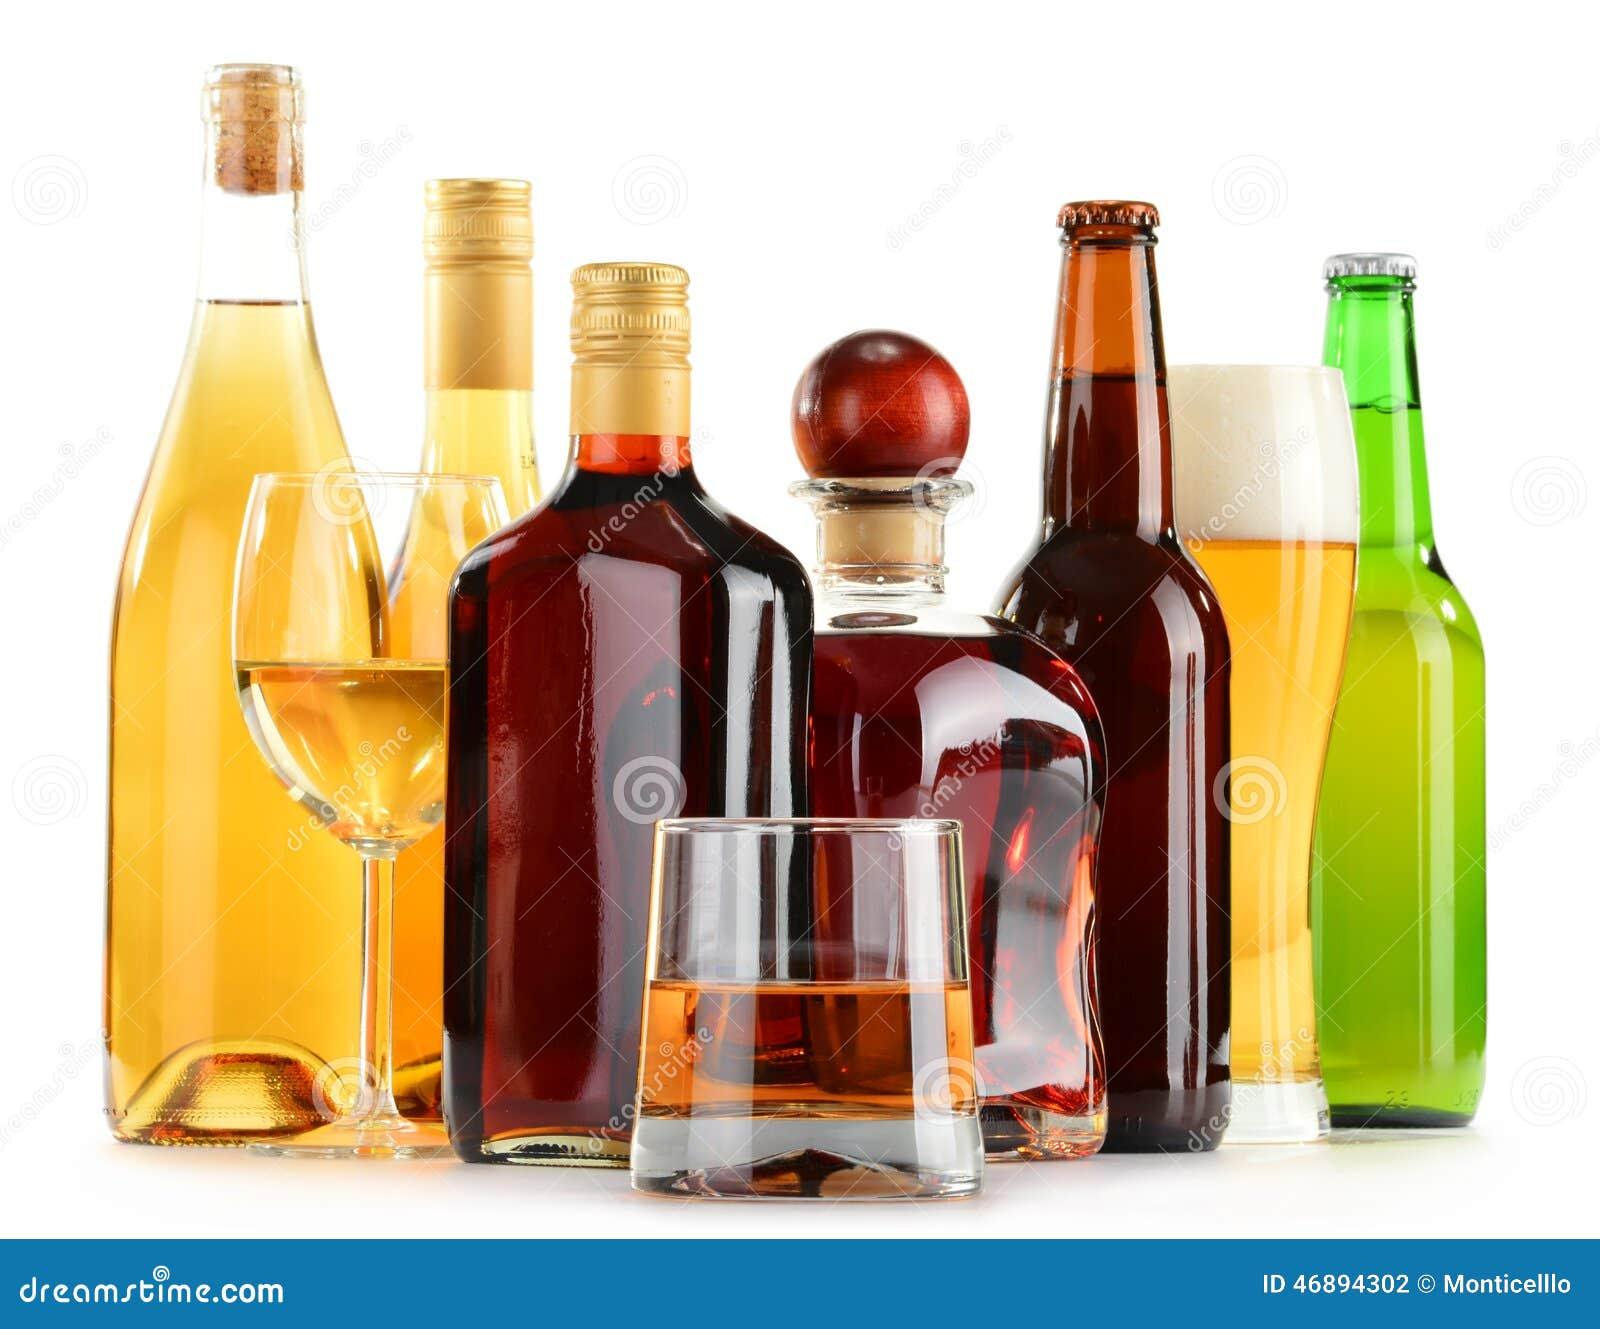 flaschen und gl ser sortierte alkoholische getr nke ber wei stockfoto bild 46894302. Black Bedroom Furniture Sets. Home Design Ideas